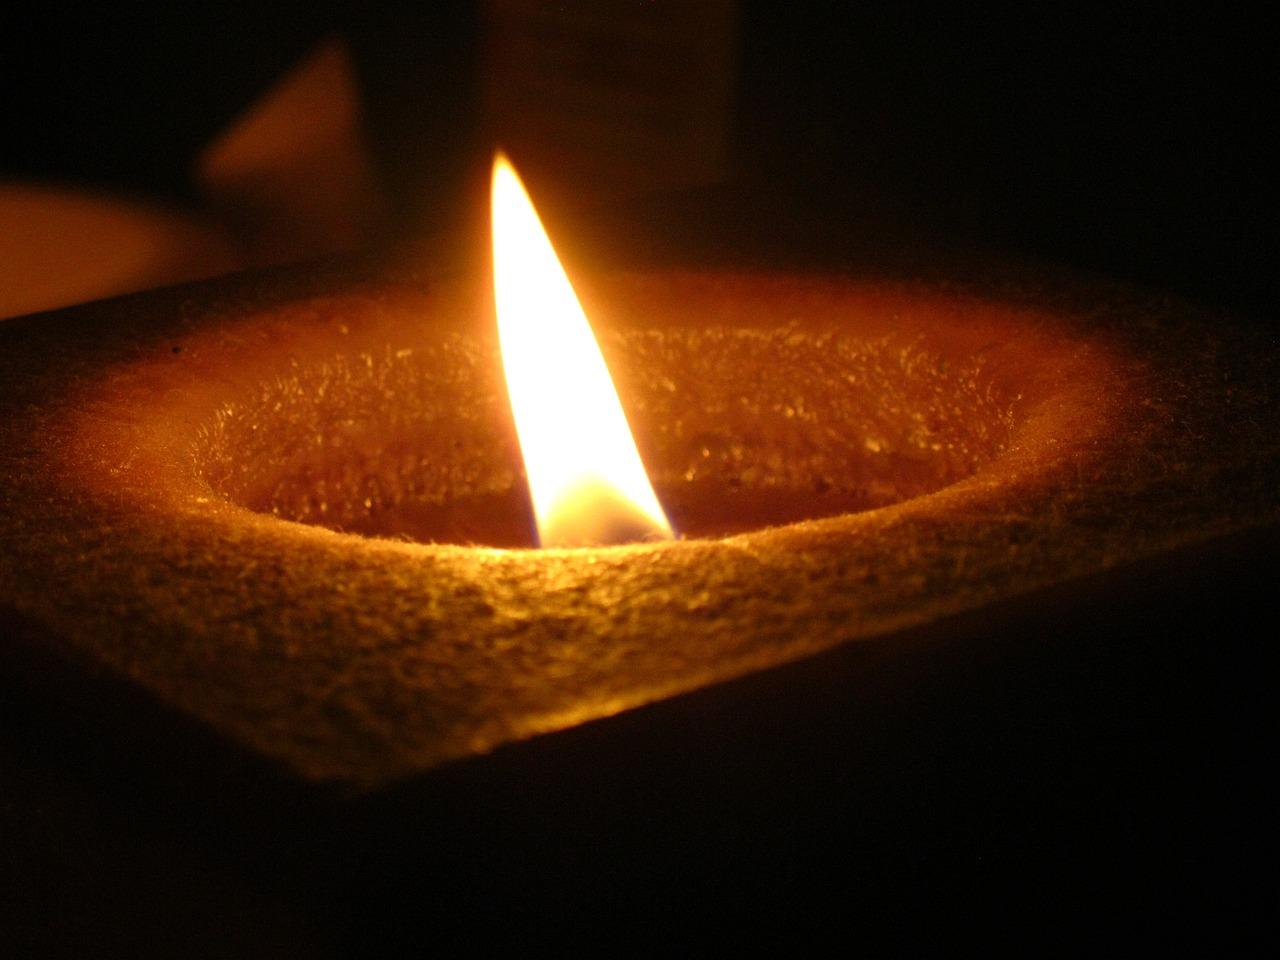 давно воск свечи картинки всей души